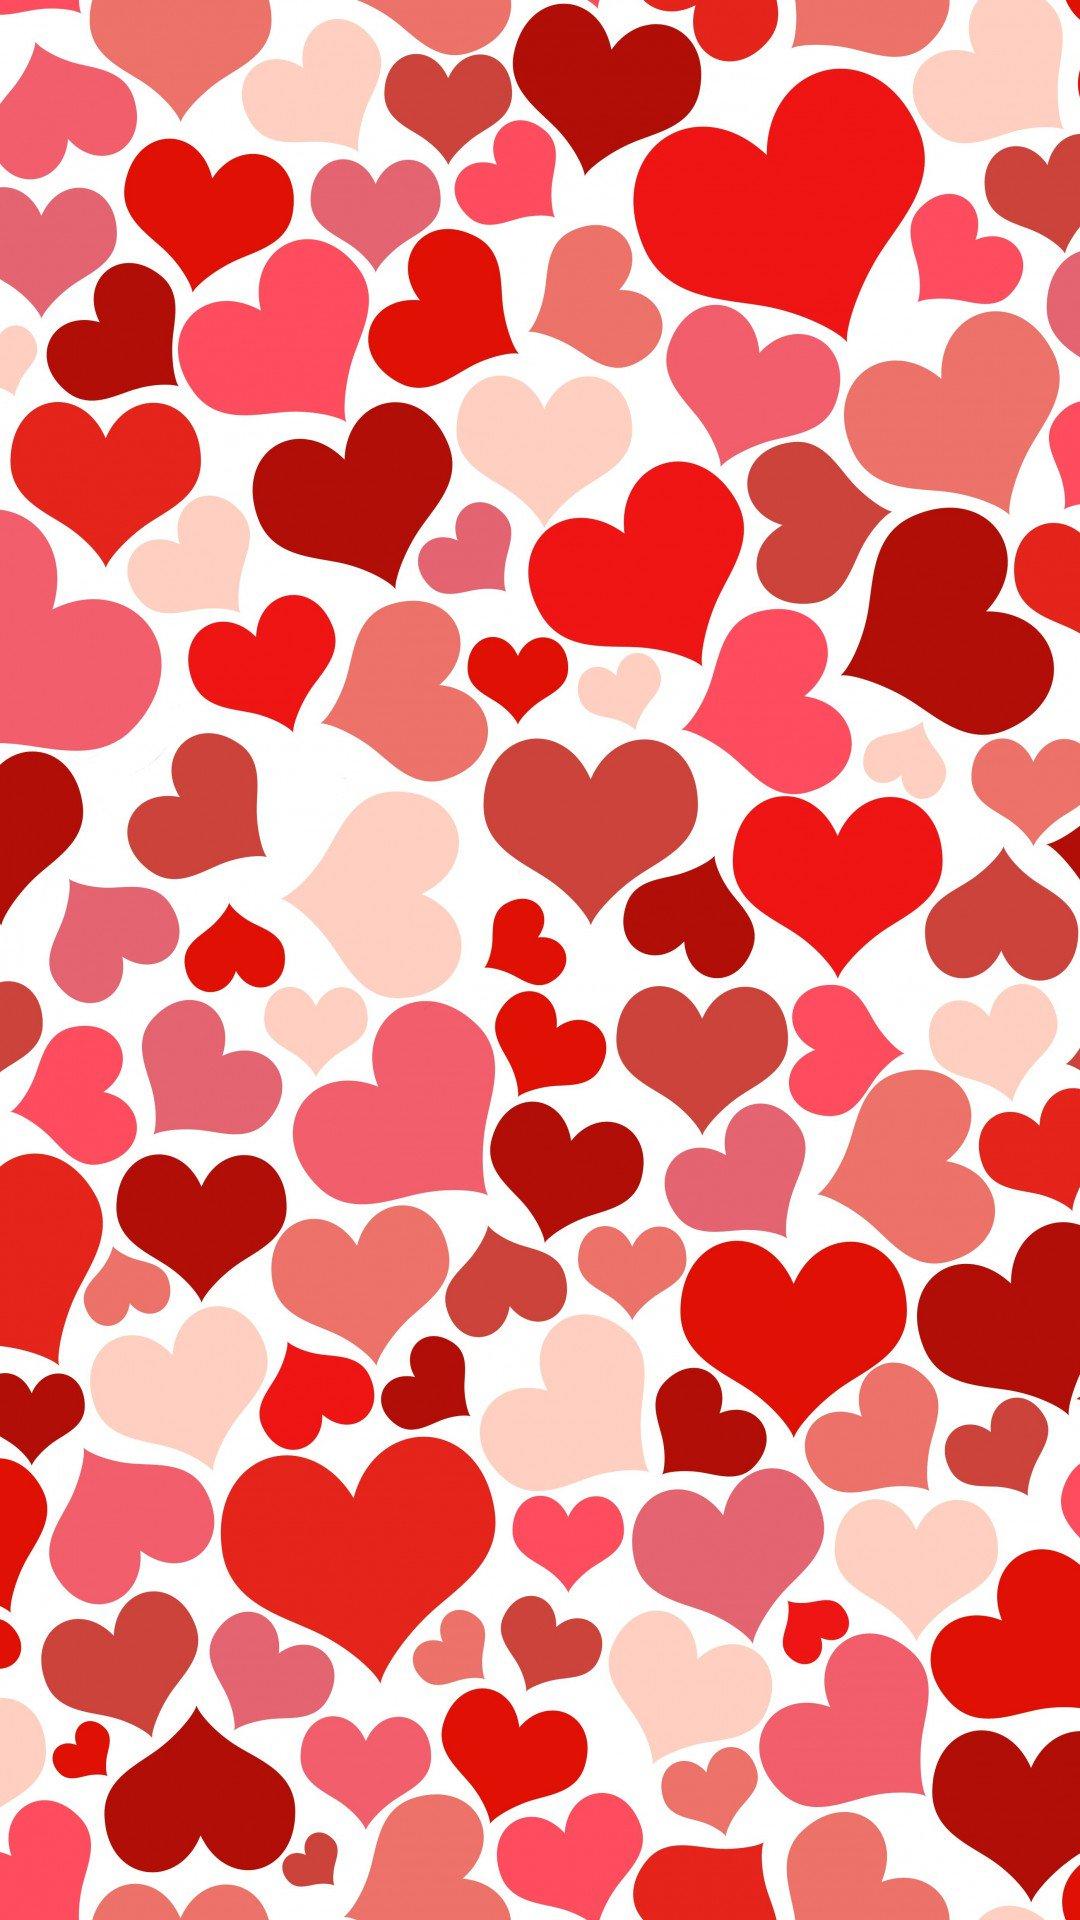 Картинка с сердечками на а4, открыткой